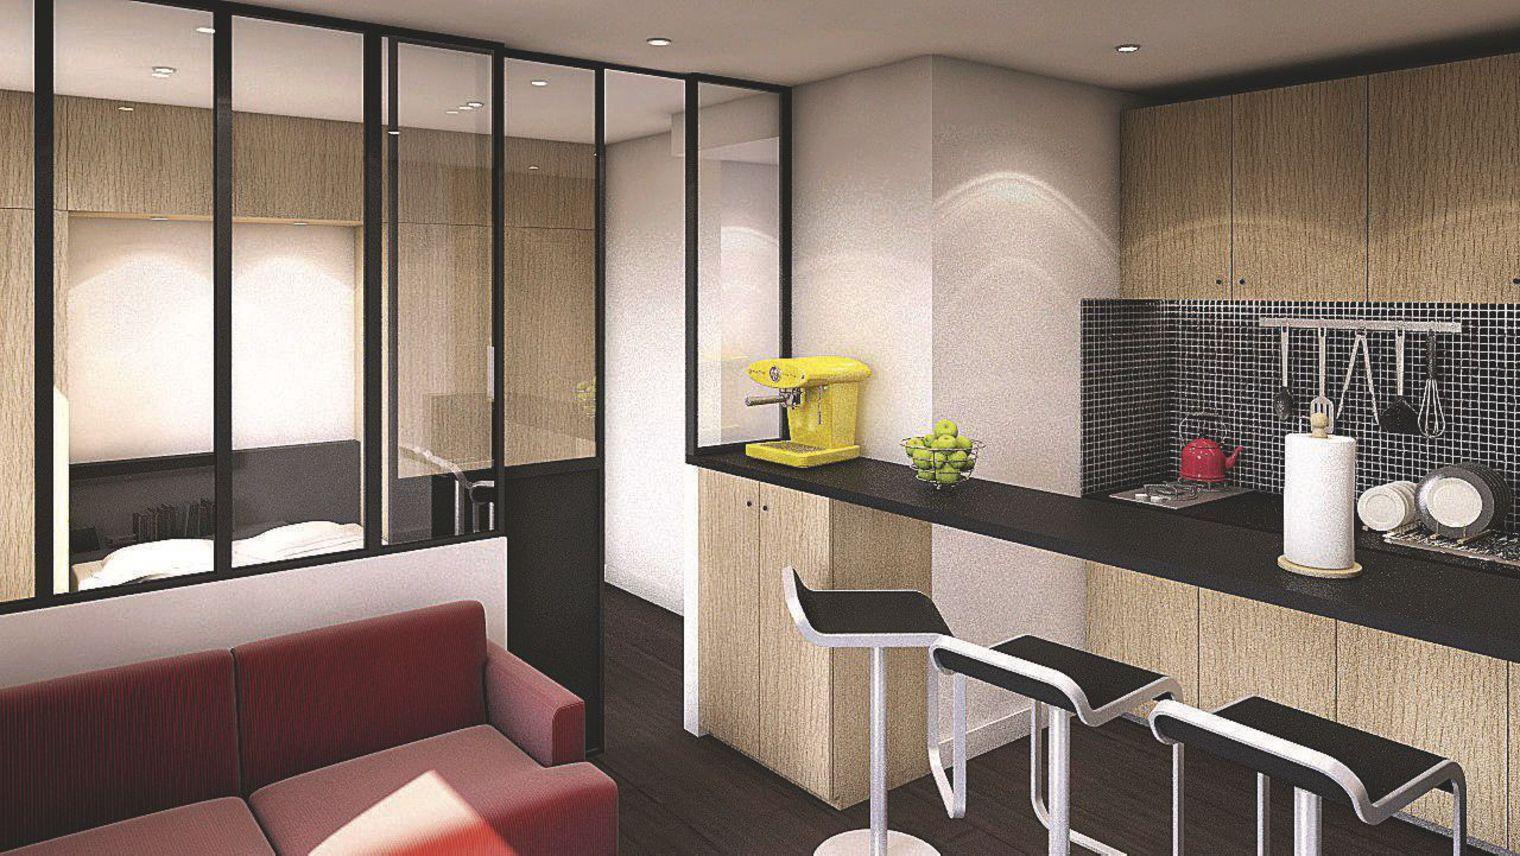 Location appartement Nantes: des bons plans